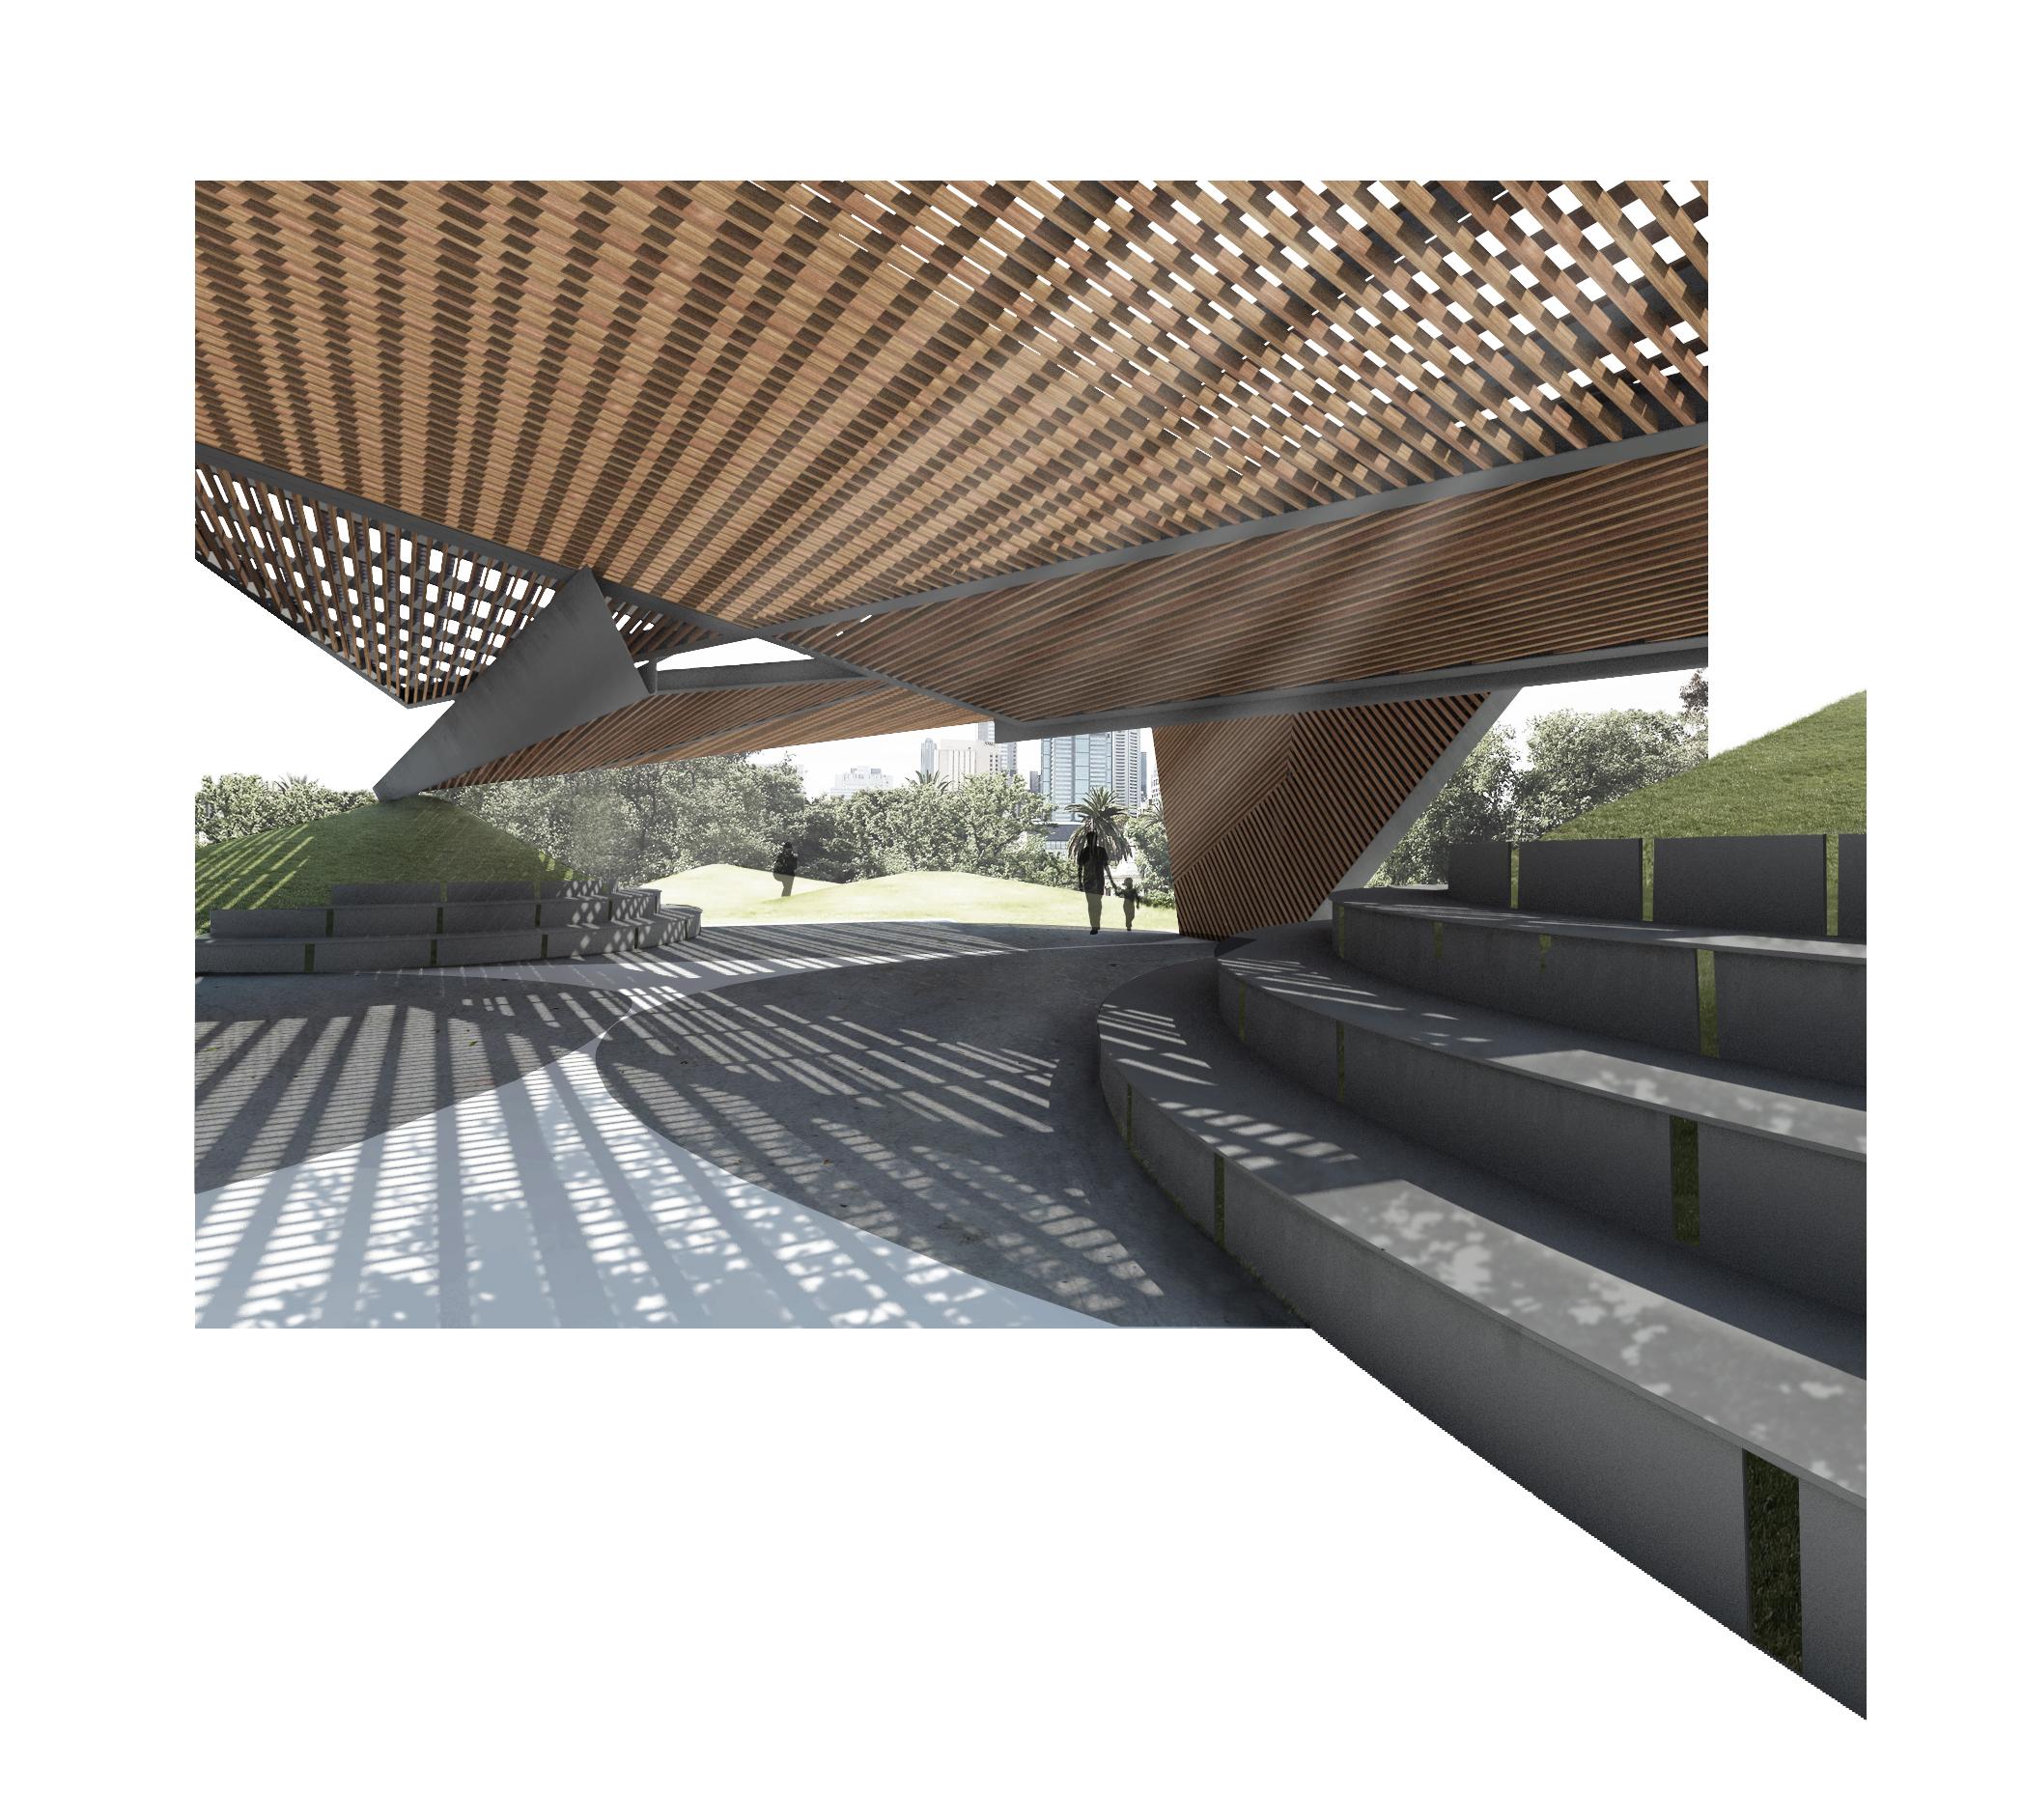 MPavilion 2018 by Estudio Carme Pinós